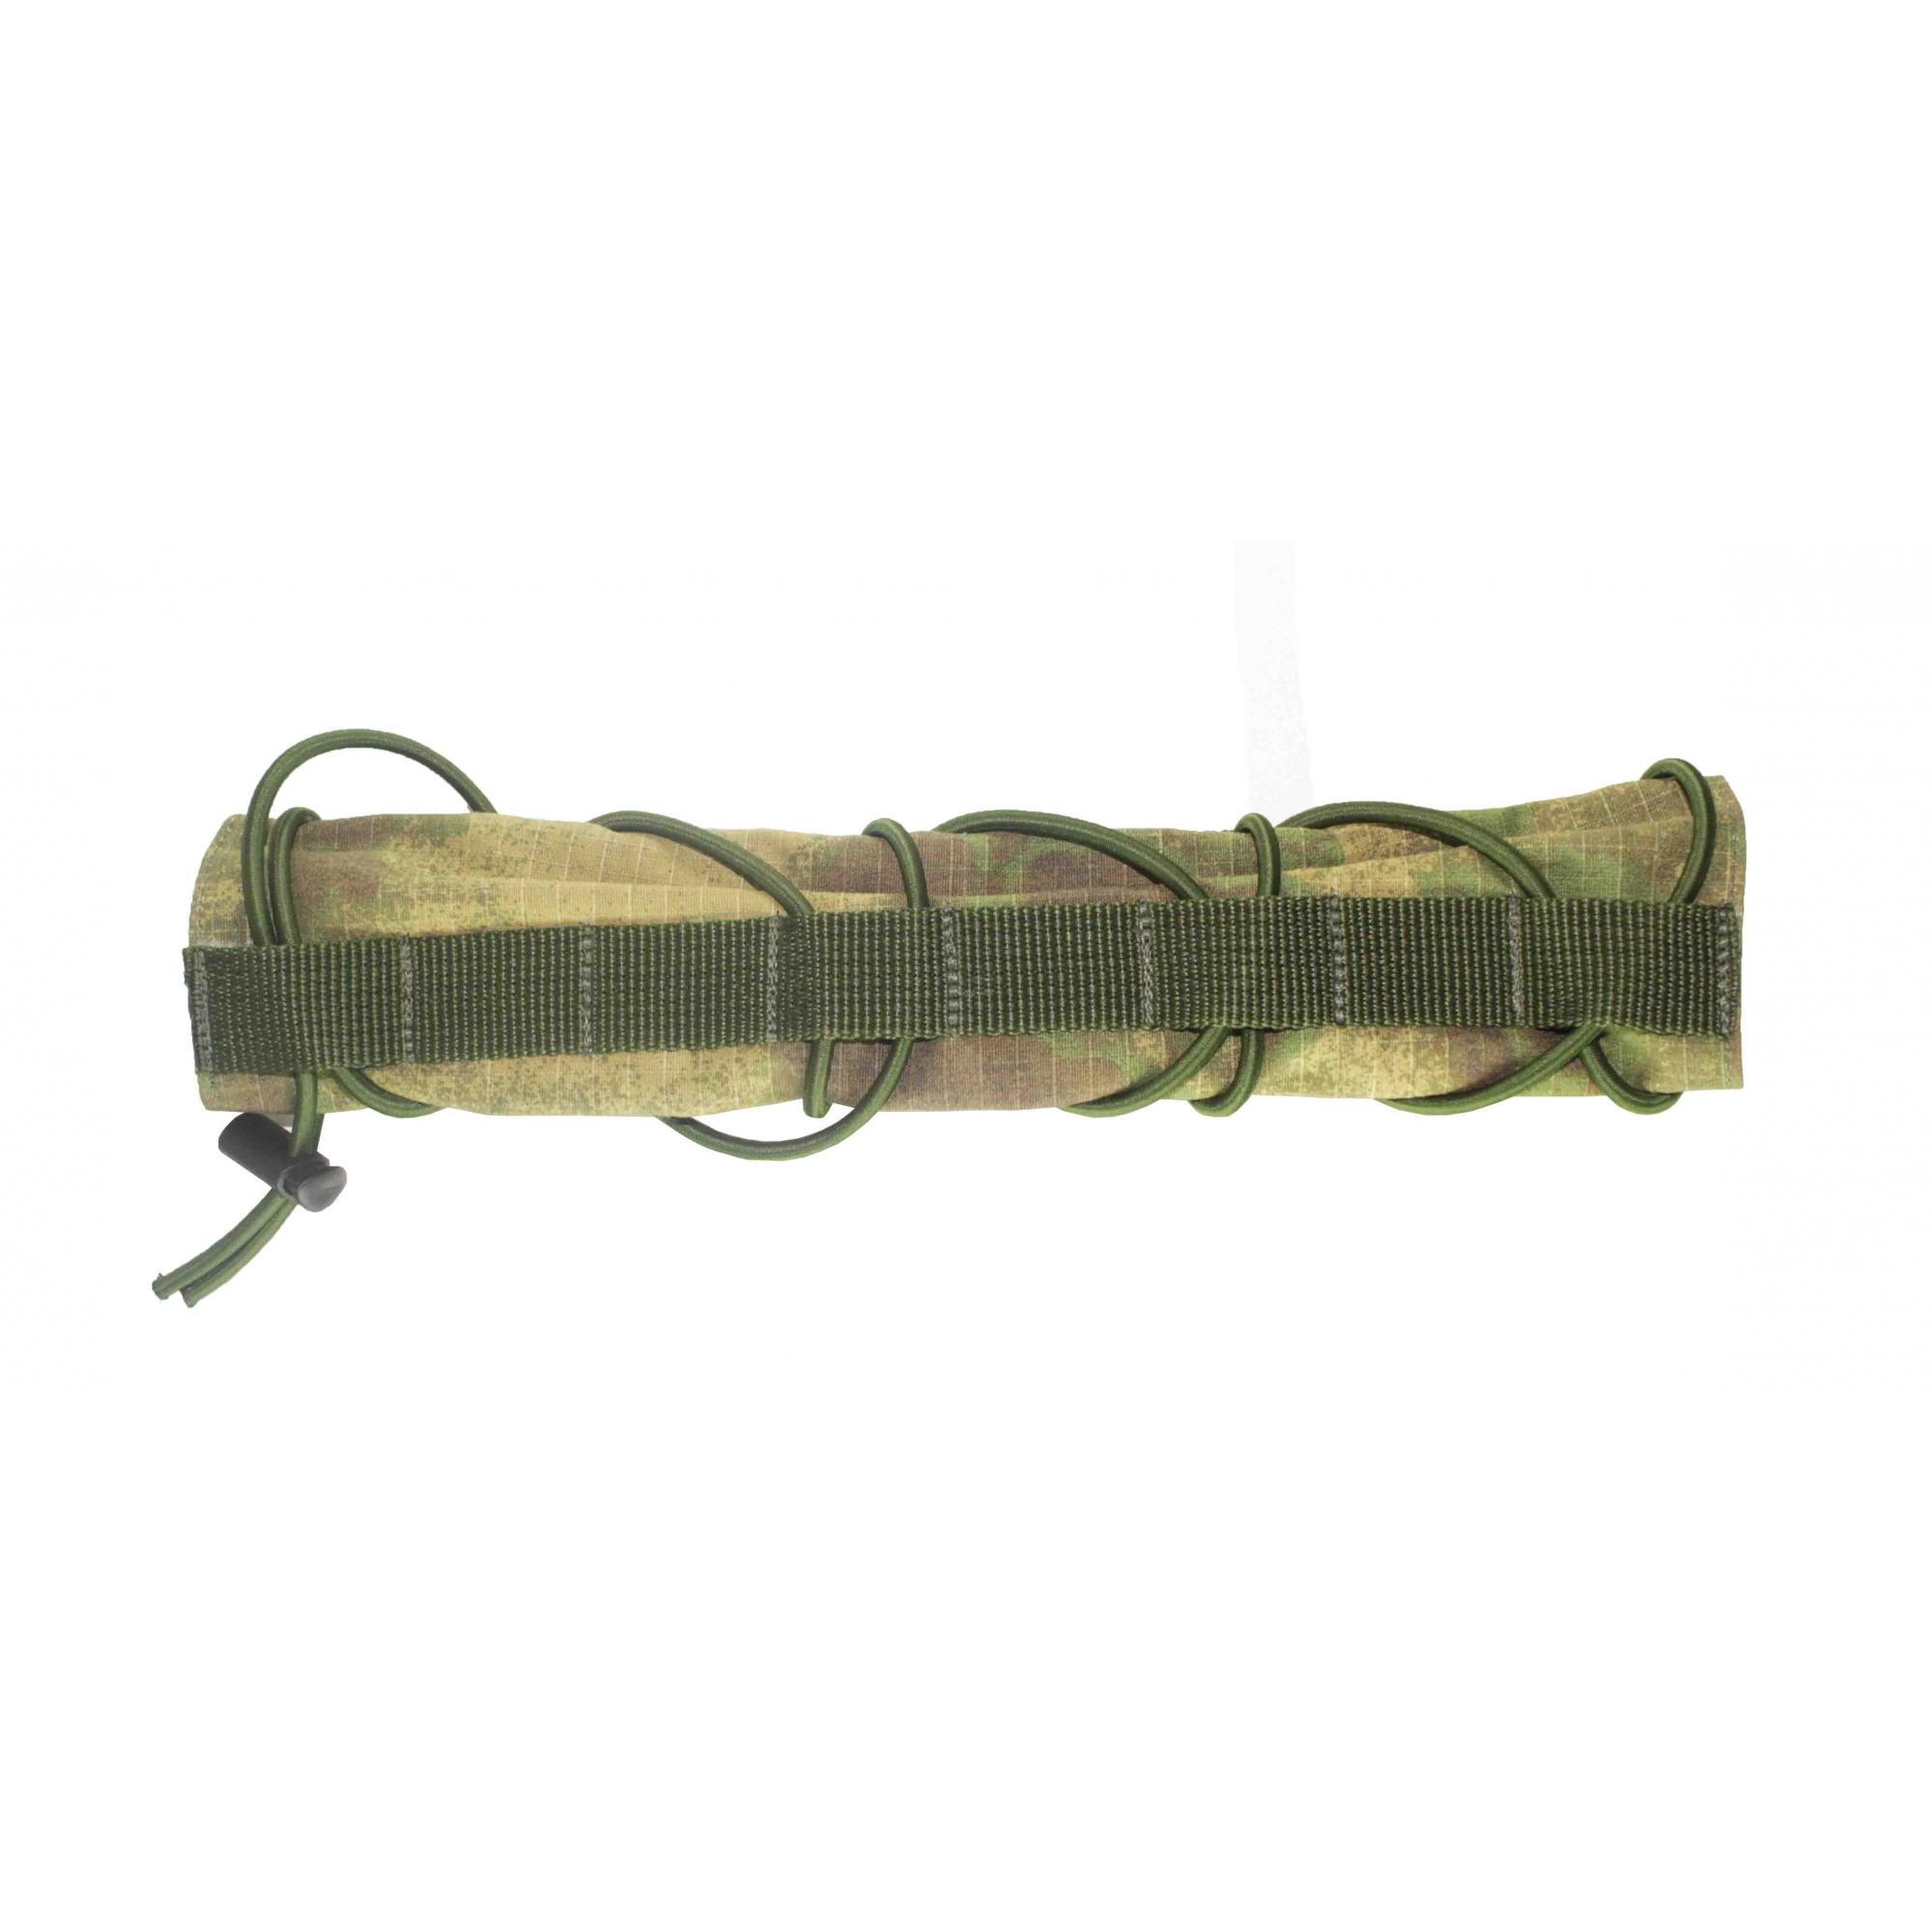 Protetor de cano silenciador Longo de Airsoft ATK